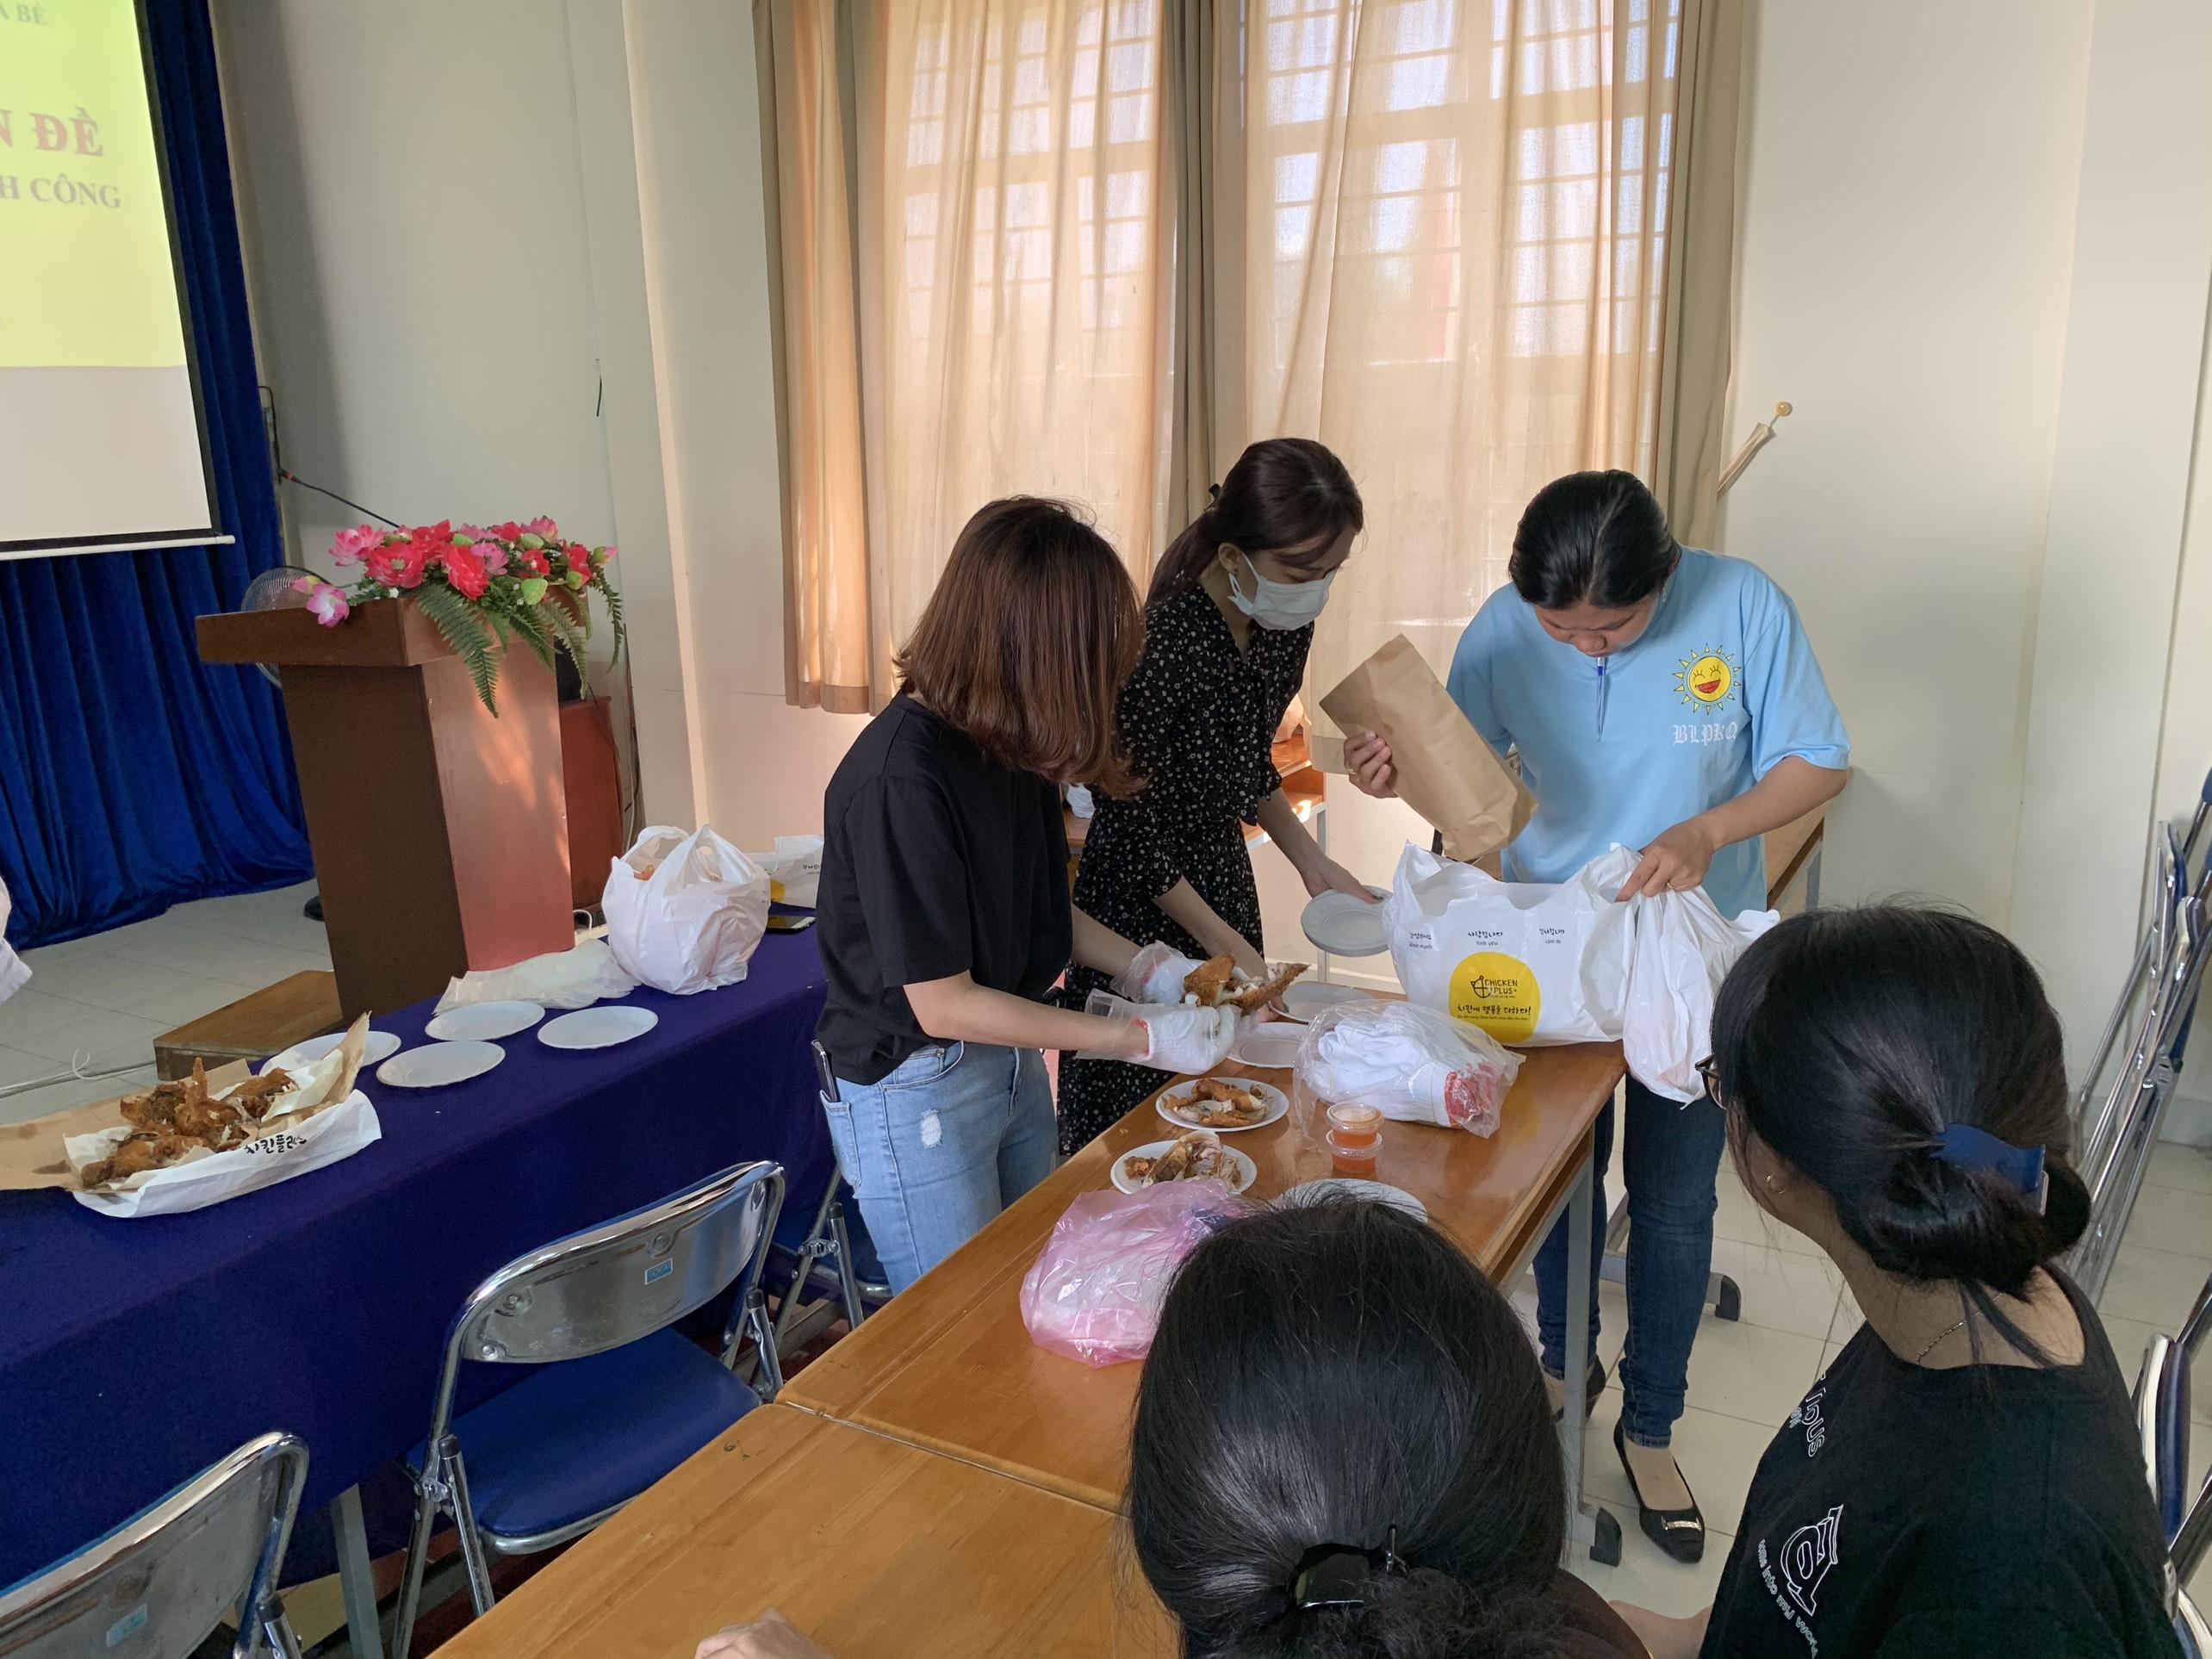 Tại hội nghị, các chị em đã thực hành luôn các công đoạn chế biến món gà rán đúng kỹ thuật, dinh dưỡng , an toàn, vệ sinh